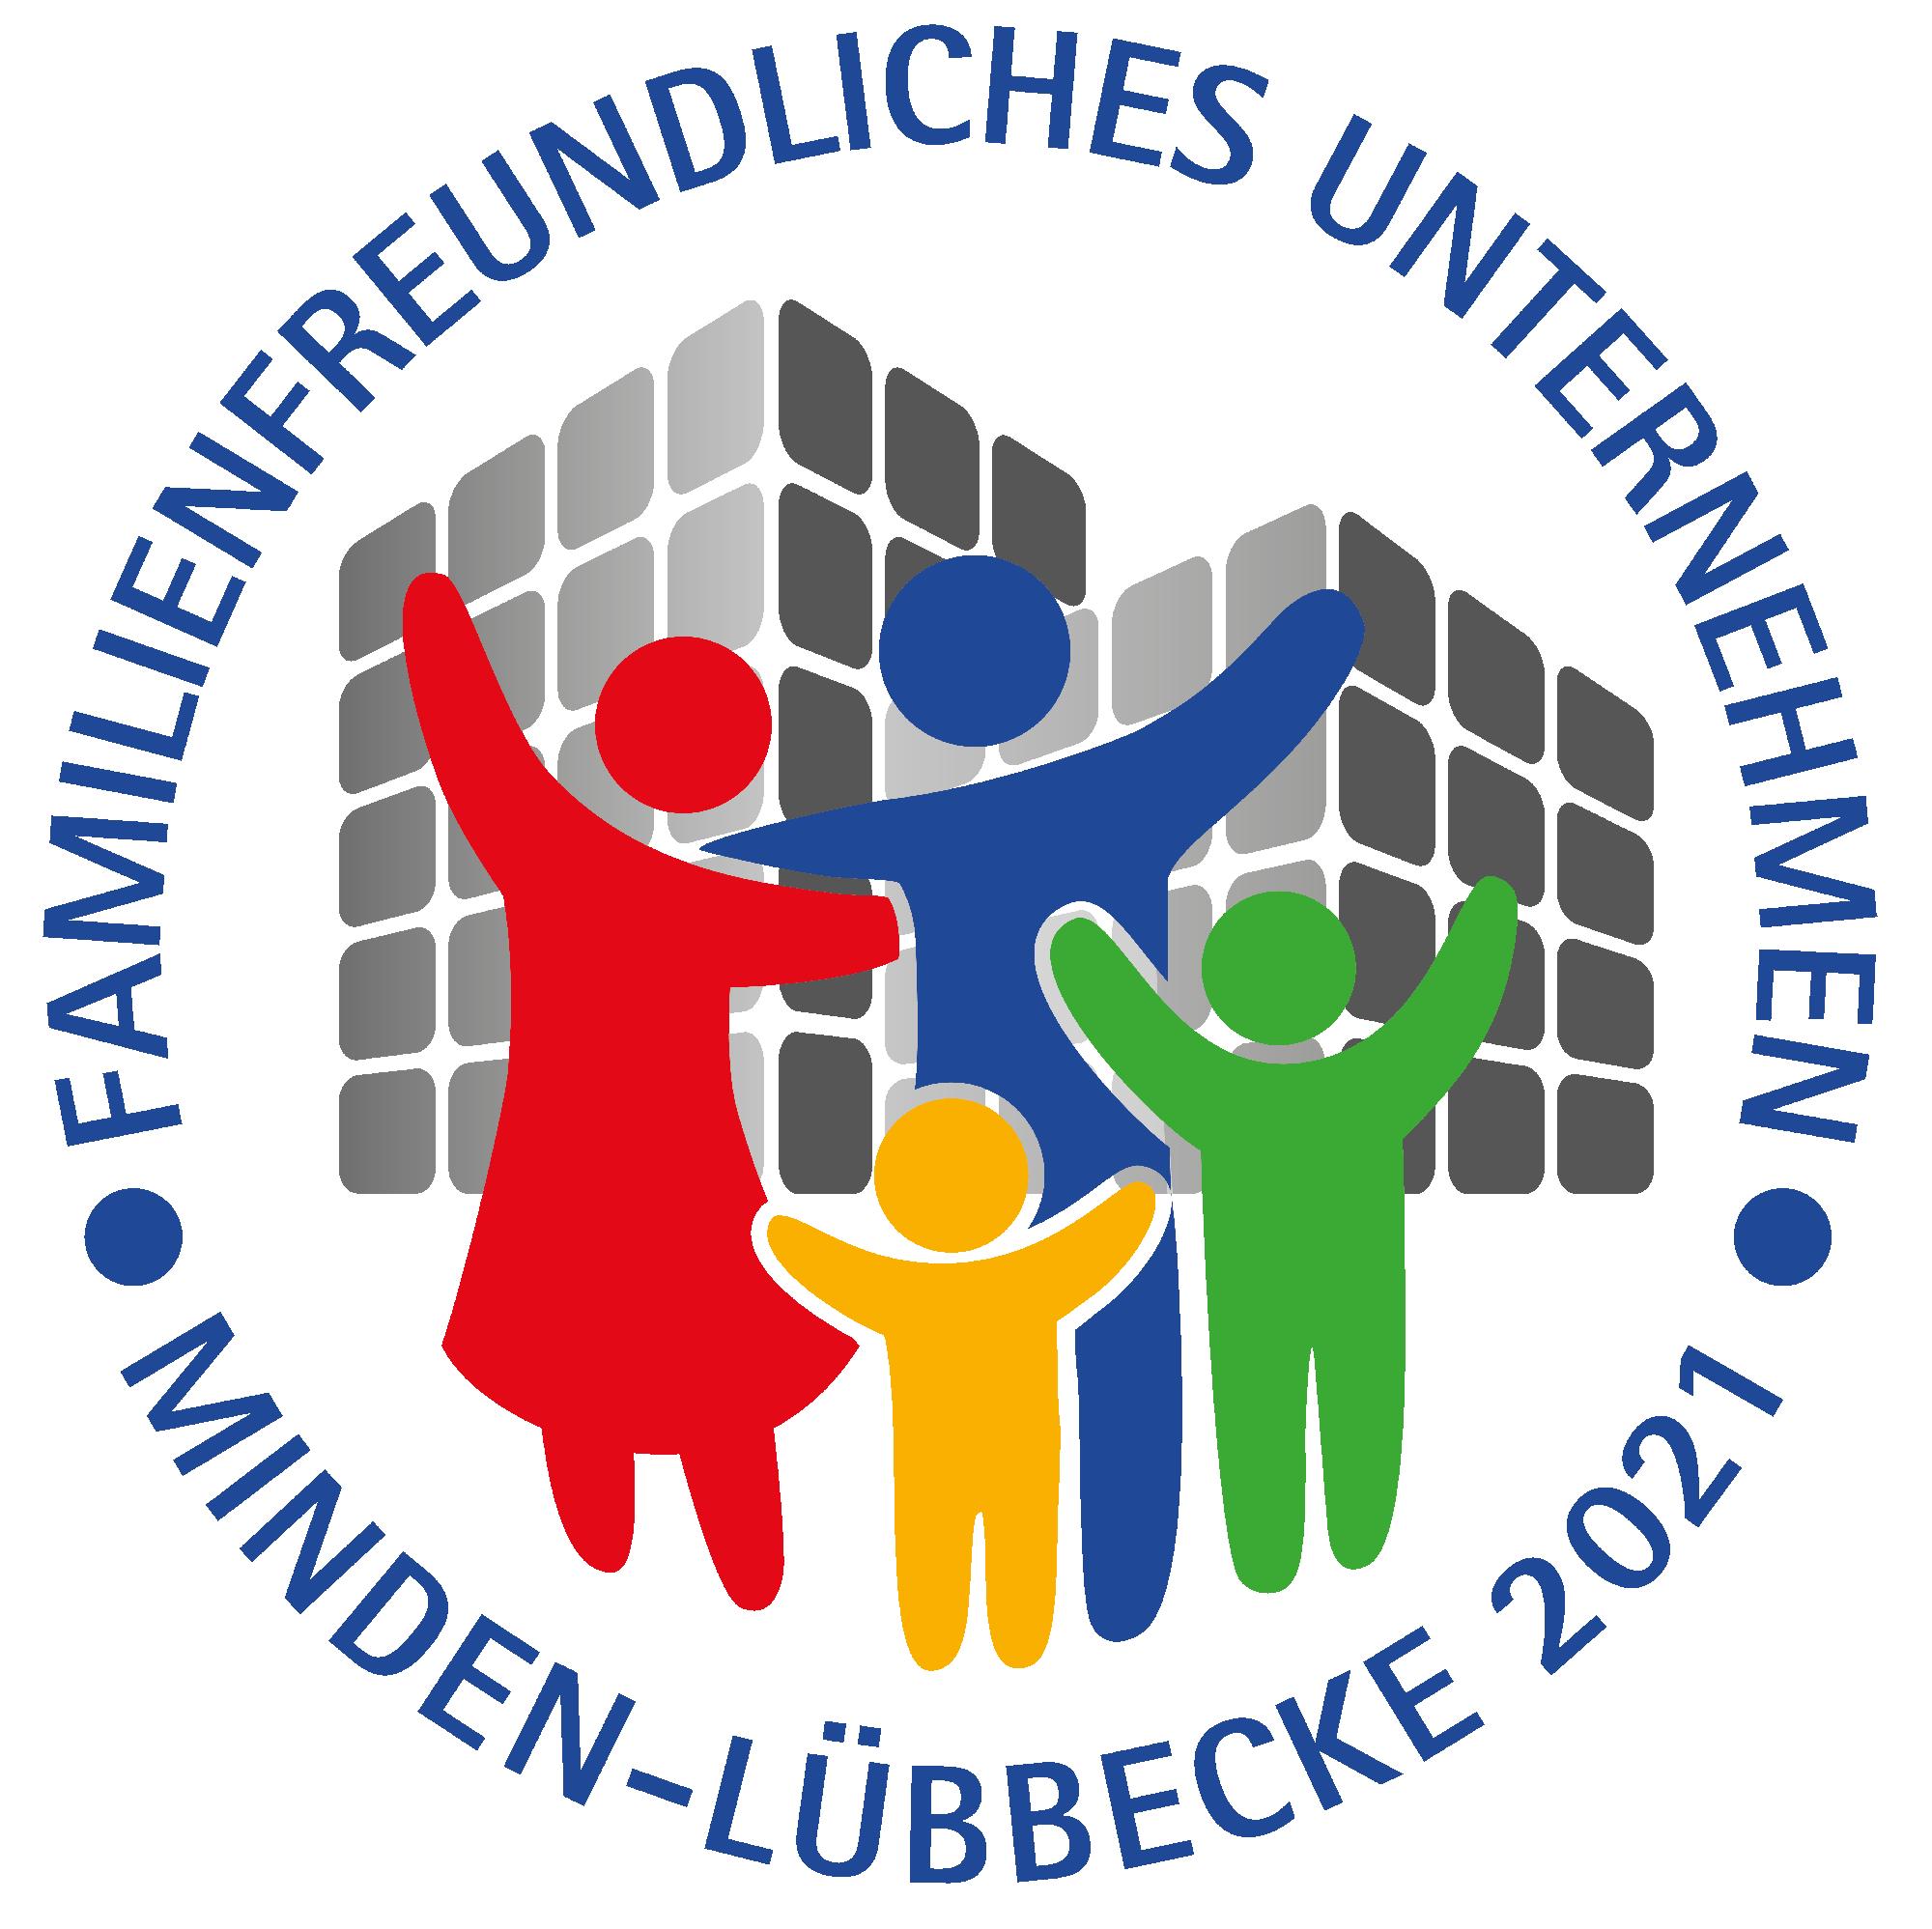 Familienfreundlich_Minden_2021_2000x1993